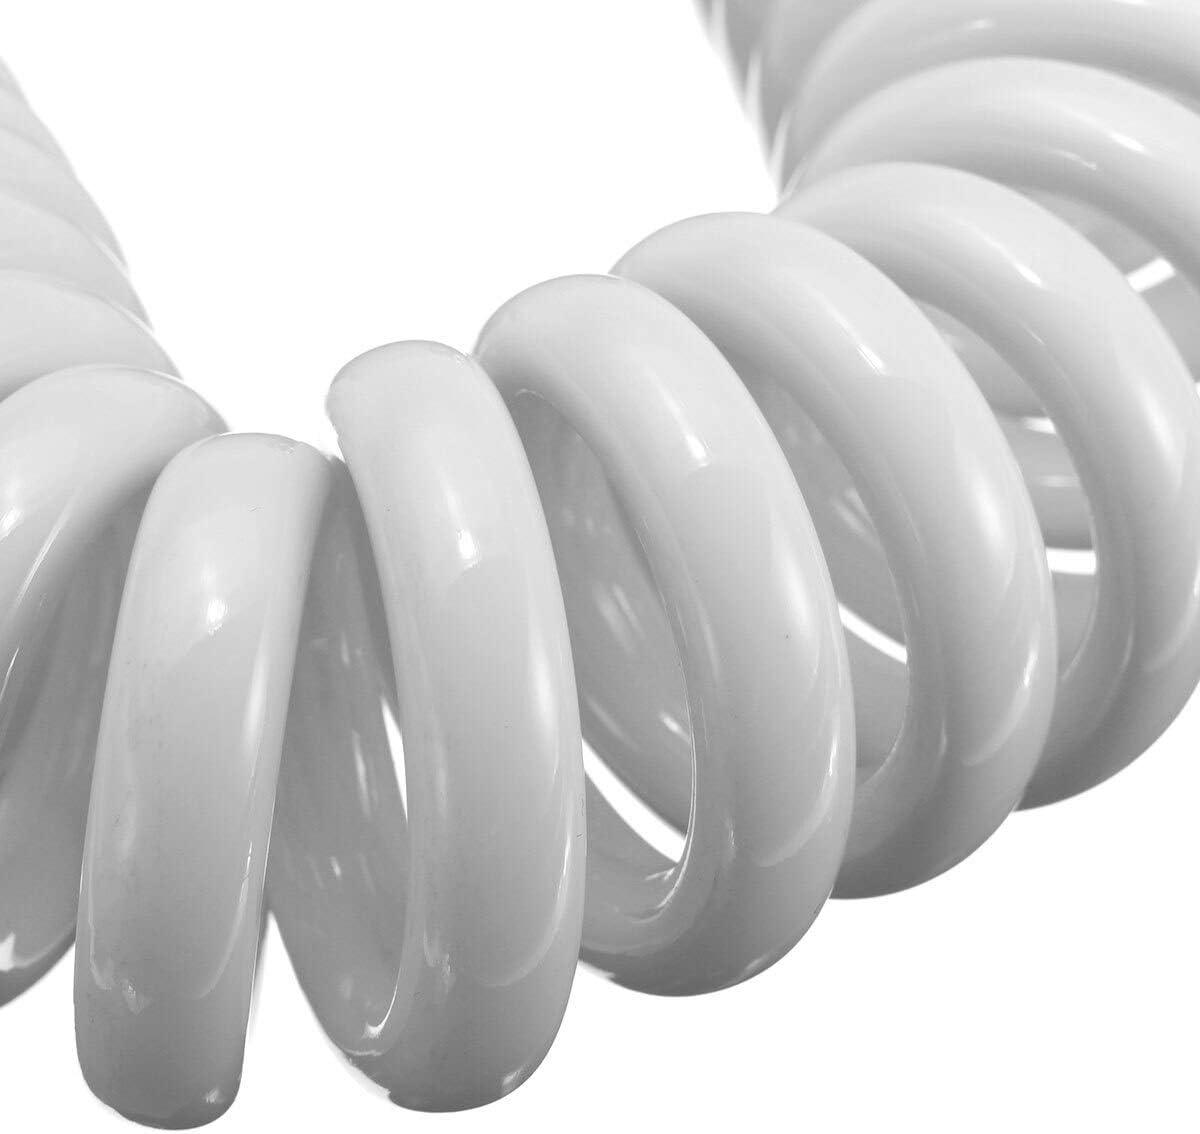 1.5 m ABS t/él/éphone lin/éaire printemps douche tuyau flexible plomberie tuyau toilette bidet pulv/érisateur buse connexion tuyau-Blanc